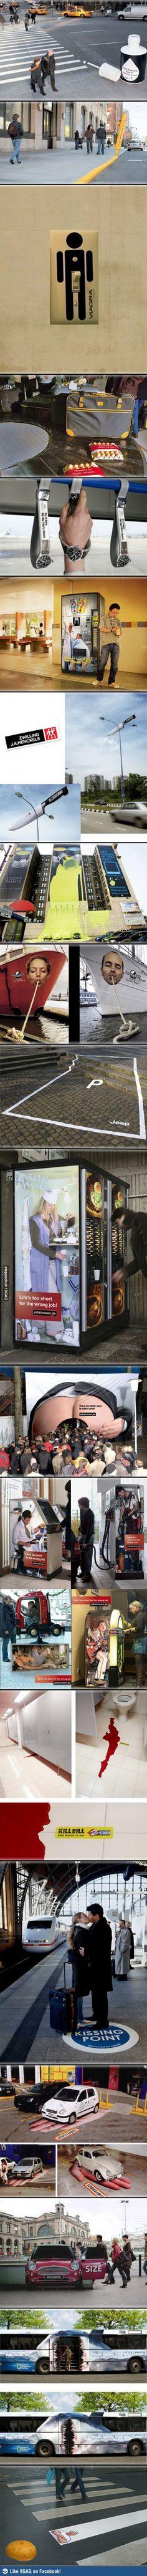 Werbung richtig platzieren - Win Bilder